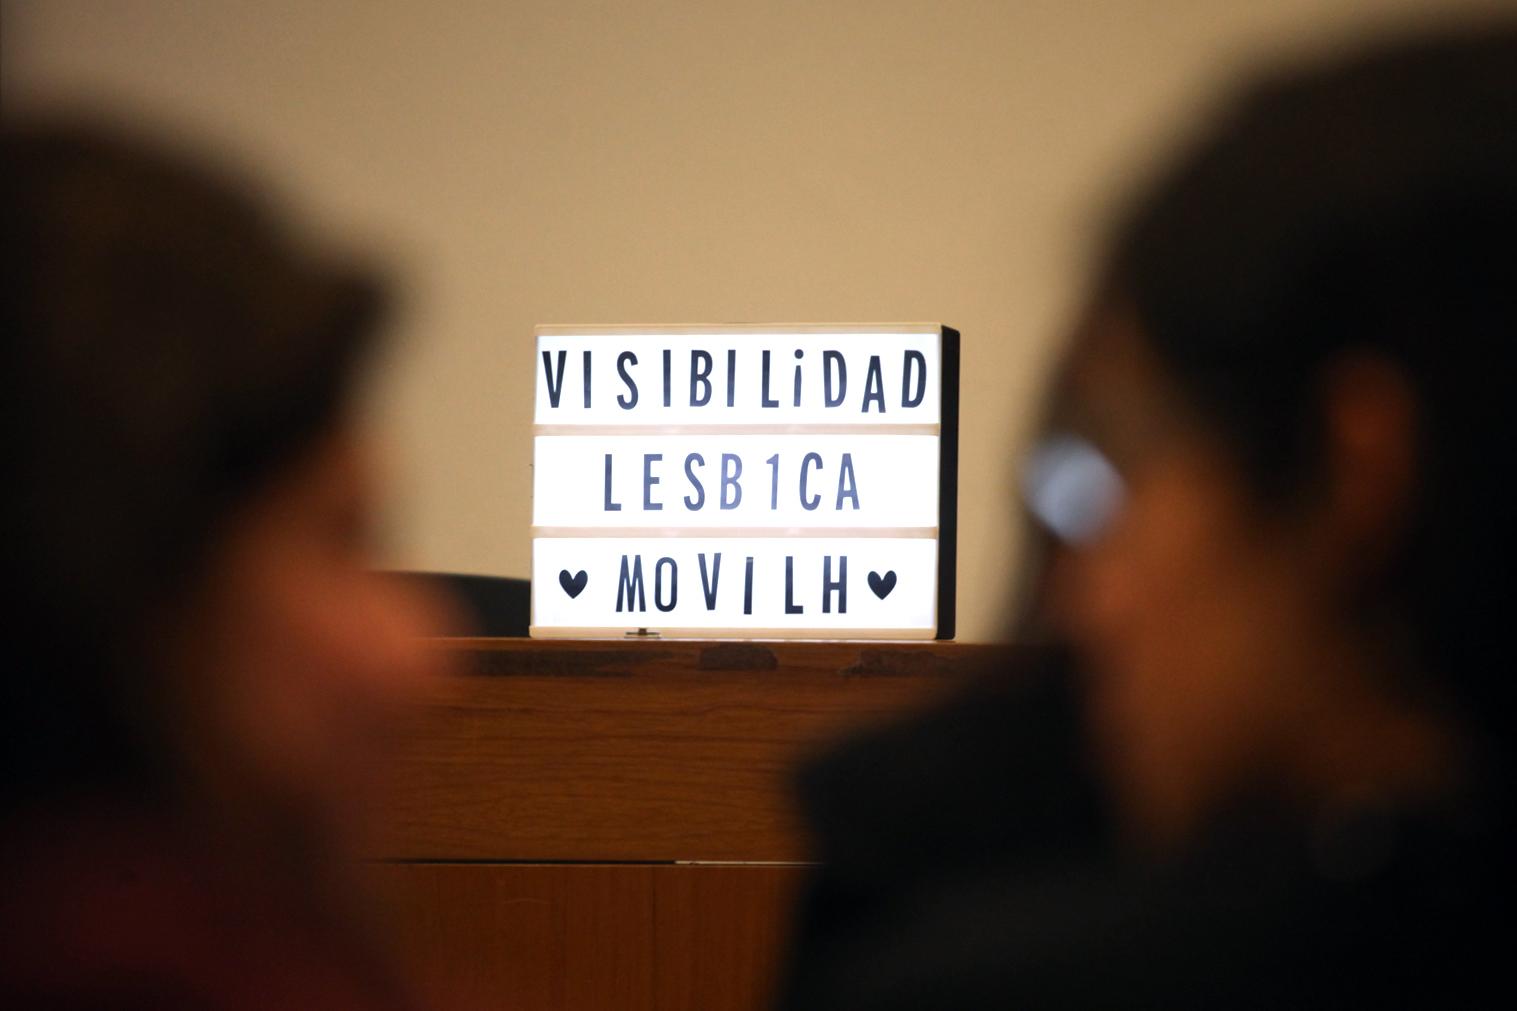 """""""Movilh denuncia desaparición de joven lesbiana el 14 de julio"""""""